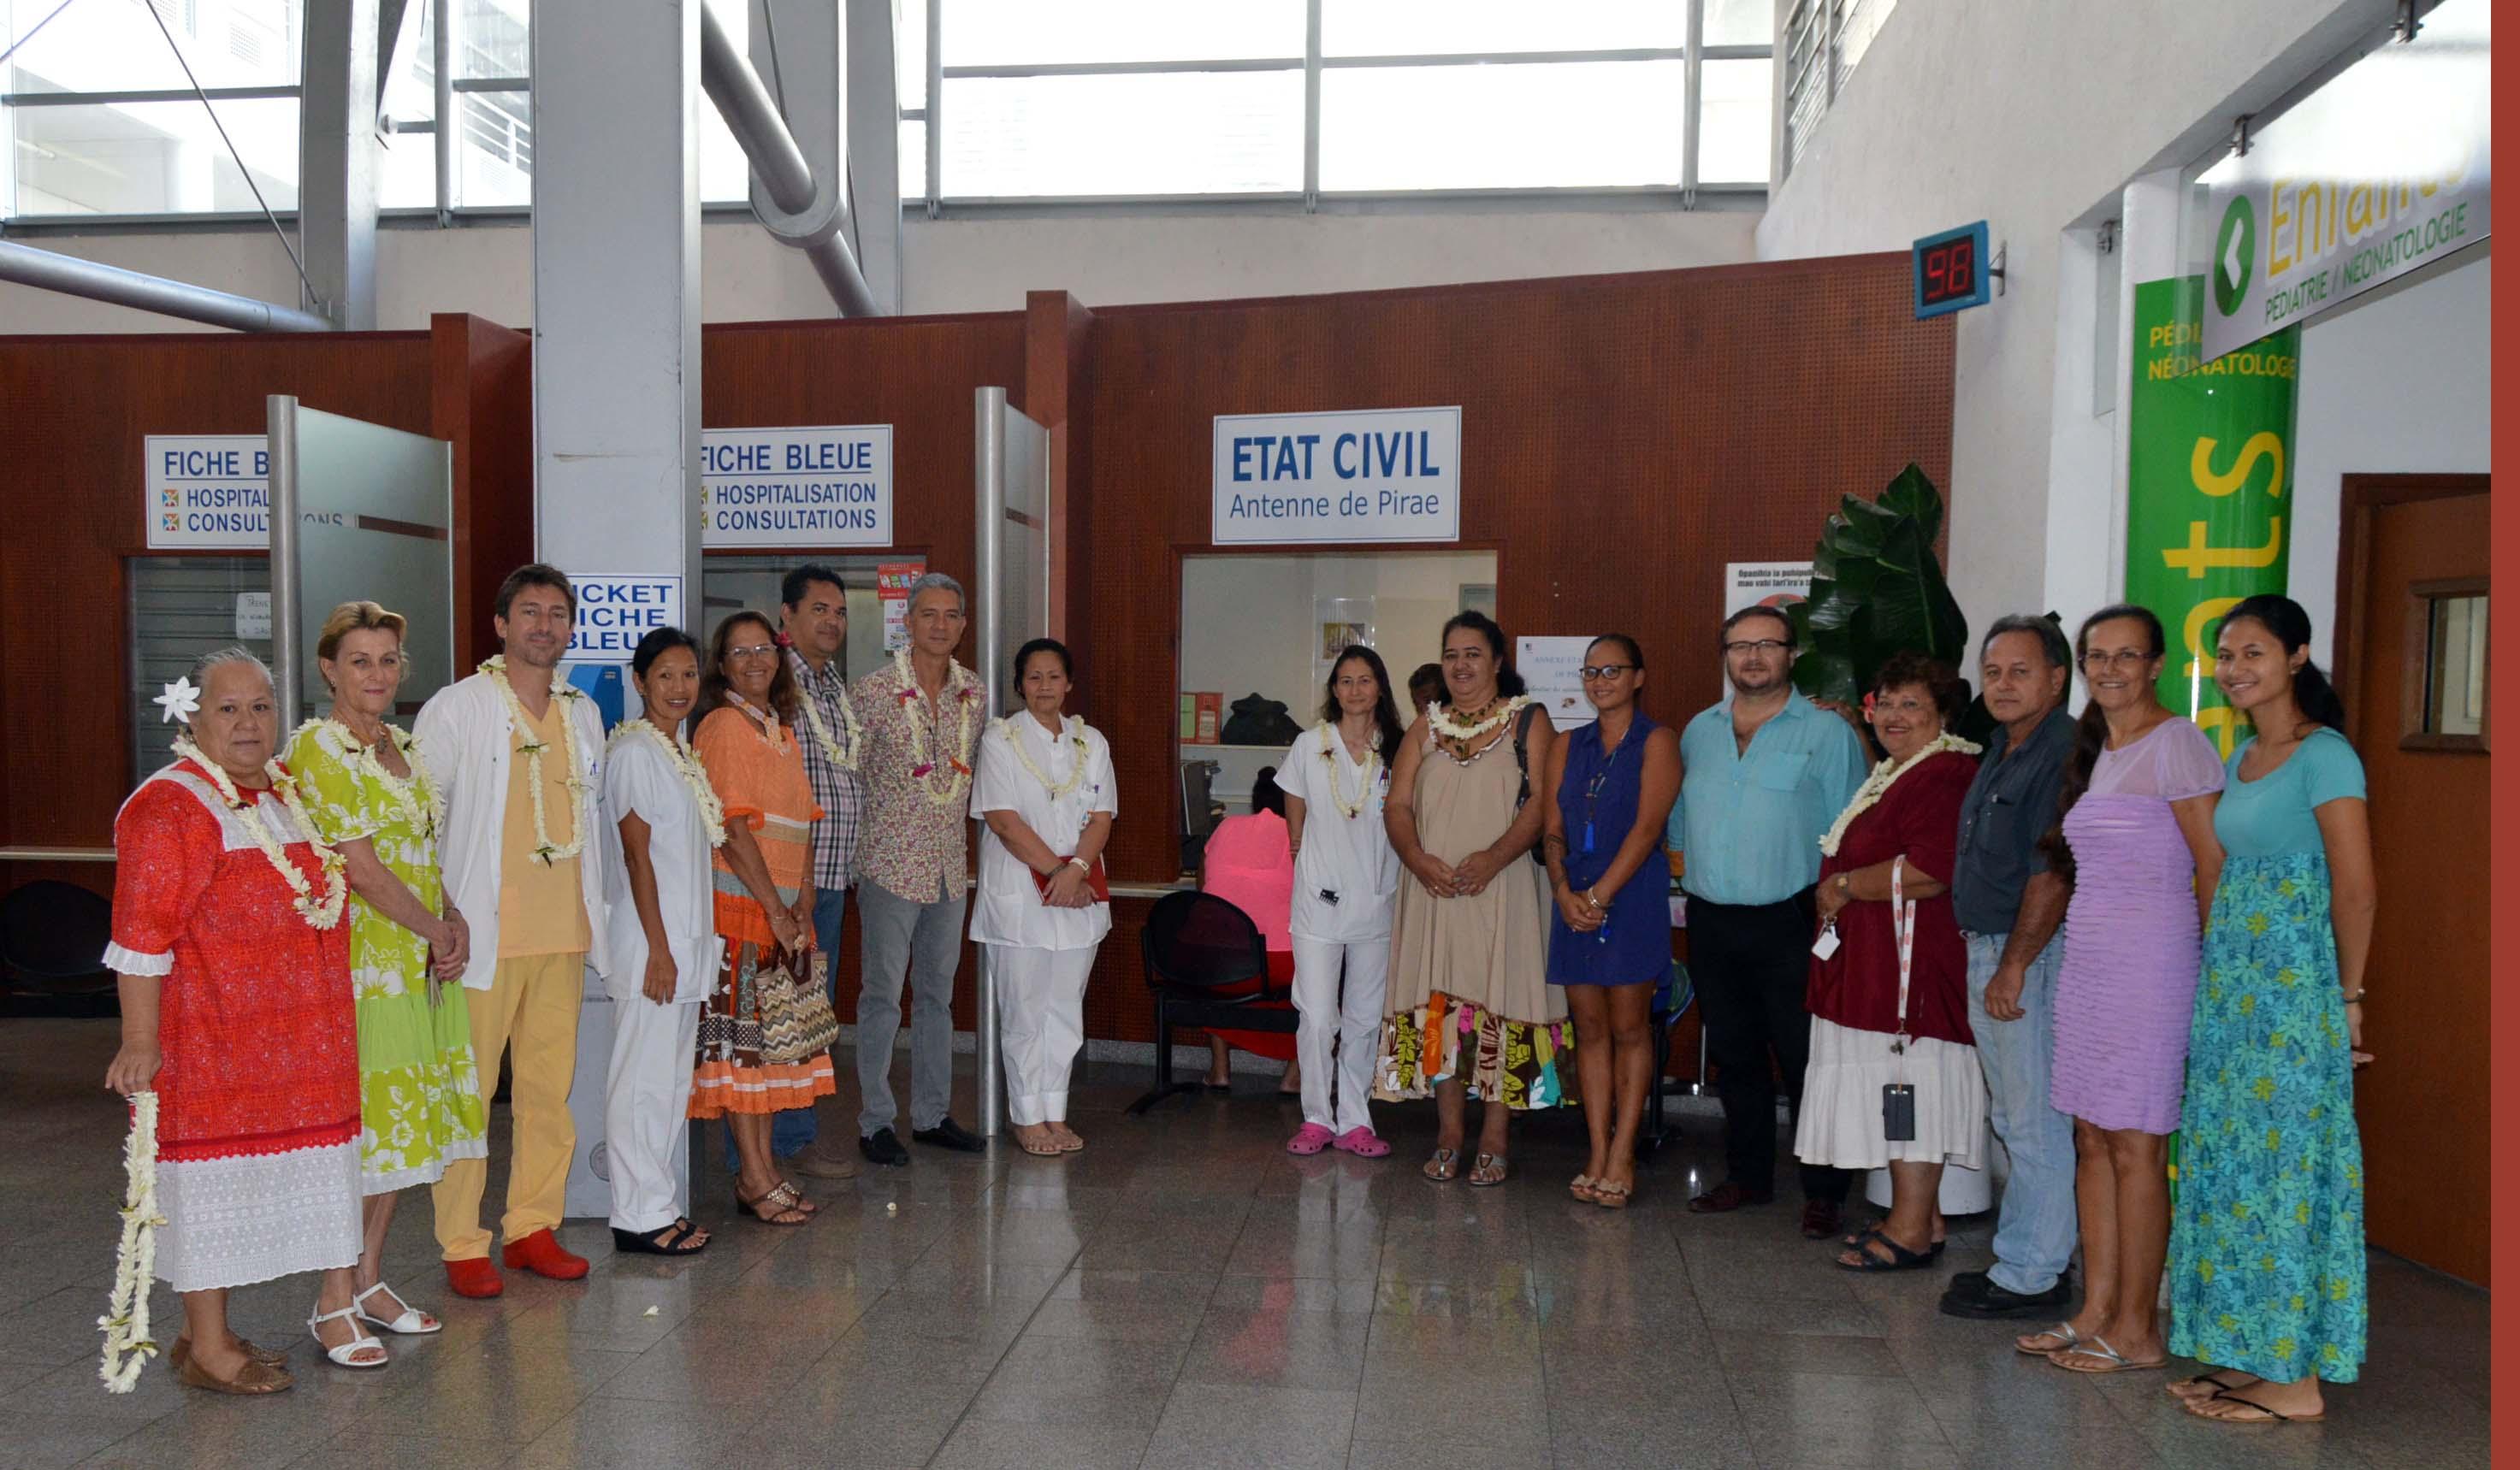 Pirae : les déclarations de naissance se feront désormais dans le hall de l'hôpital